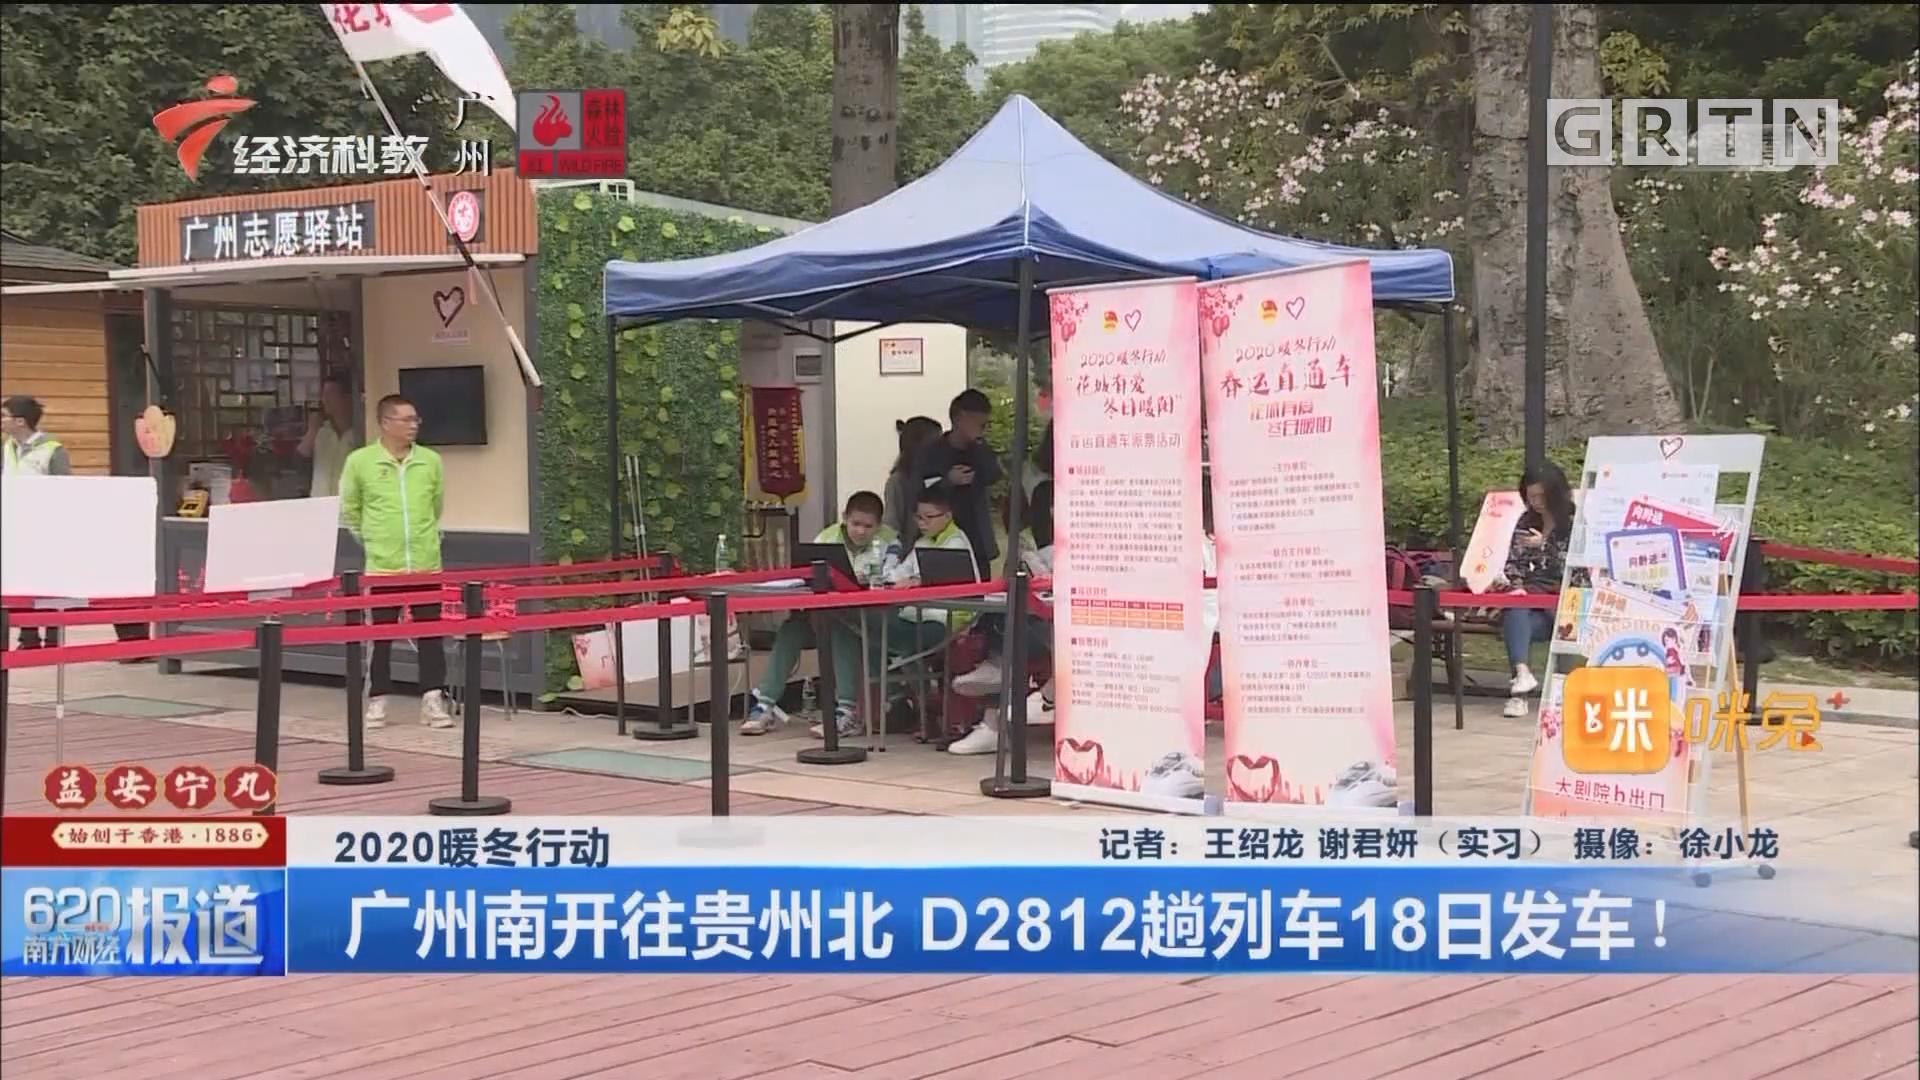 2020暖冬行动:广州南开往贵州北 D2812趟列车18日发车!